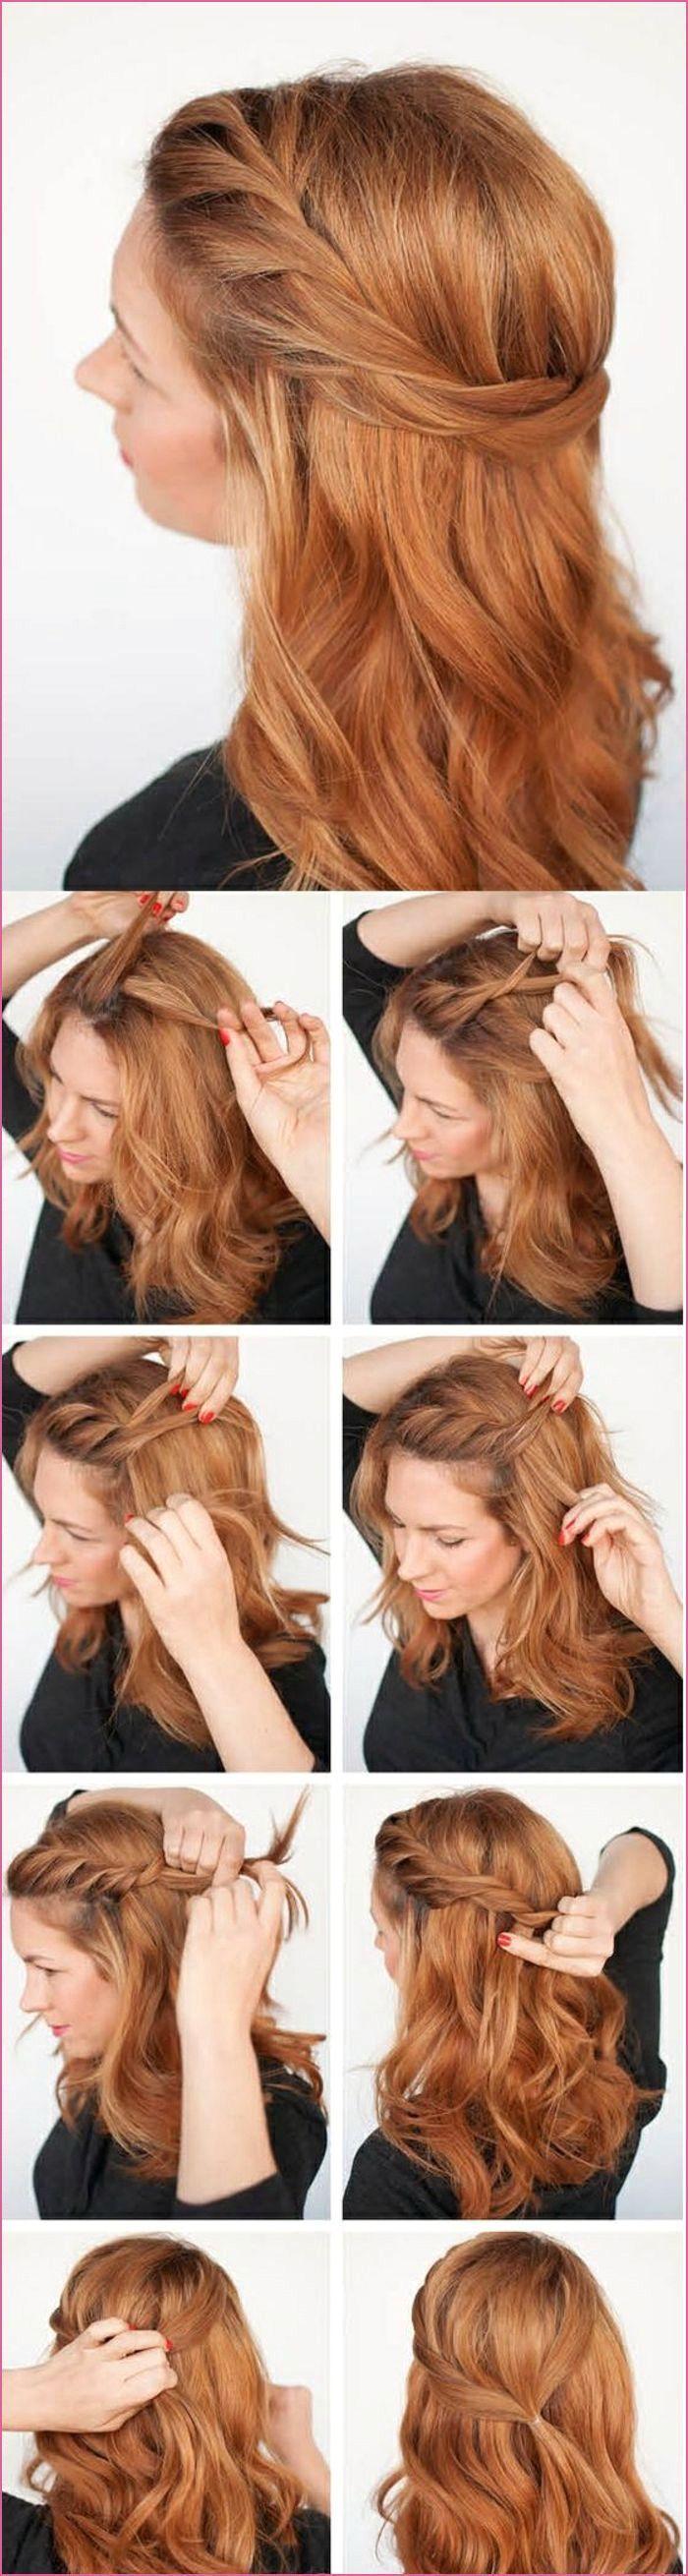 Trachten Frisuren Offen Trachten Frisuren Offen Dirndl Frisuren Fene Haare N Trachten Frisuren Offen Trach In 2020 Hair Romance Hair Styles Hair Tutorial